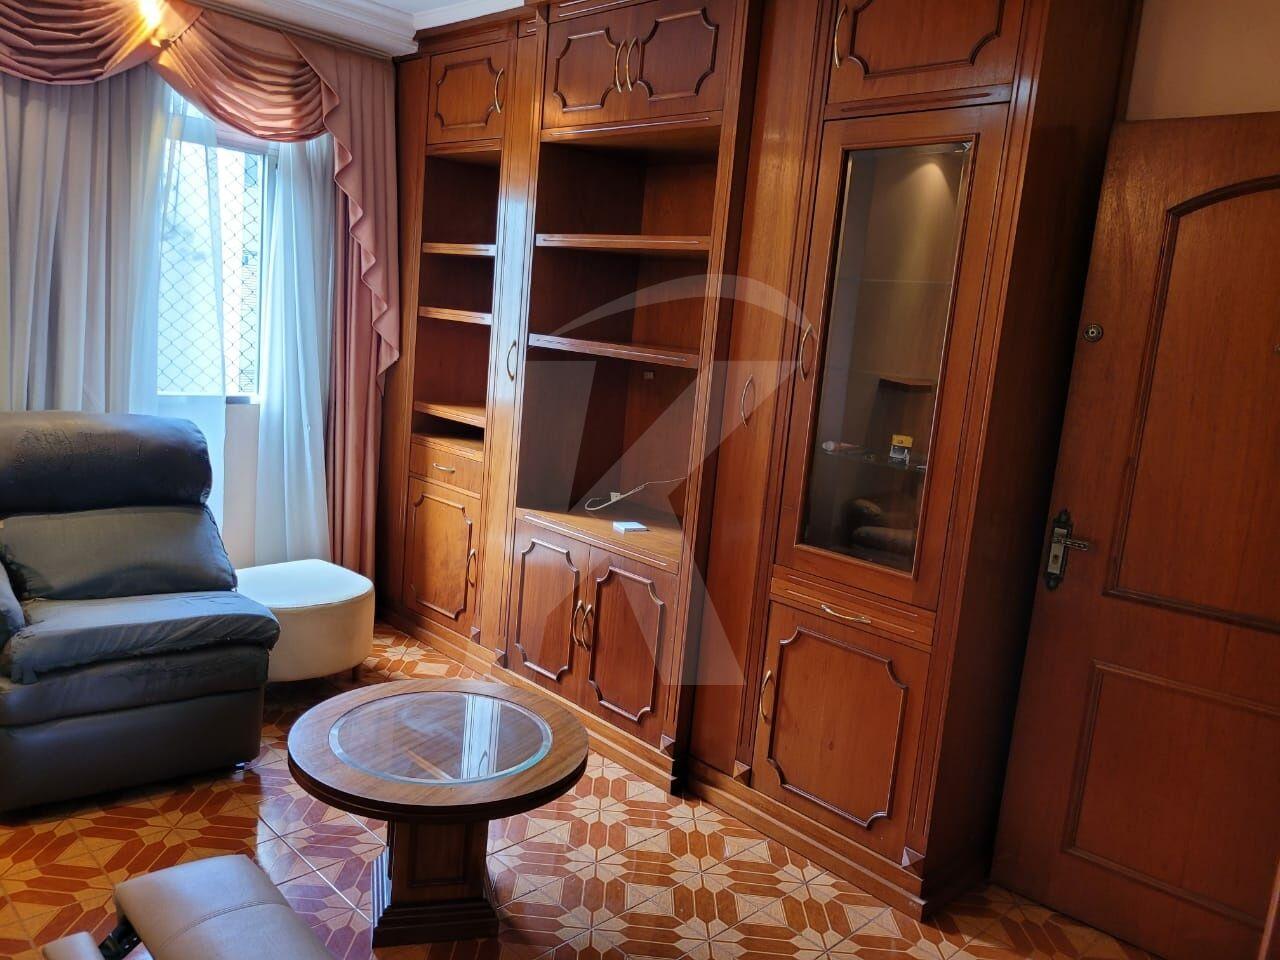 Apartamento Tucuruvi - 3 Dormitório(s) - São Paulo - SP - REF. KA2149